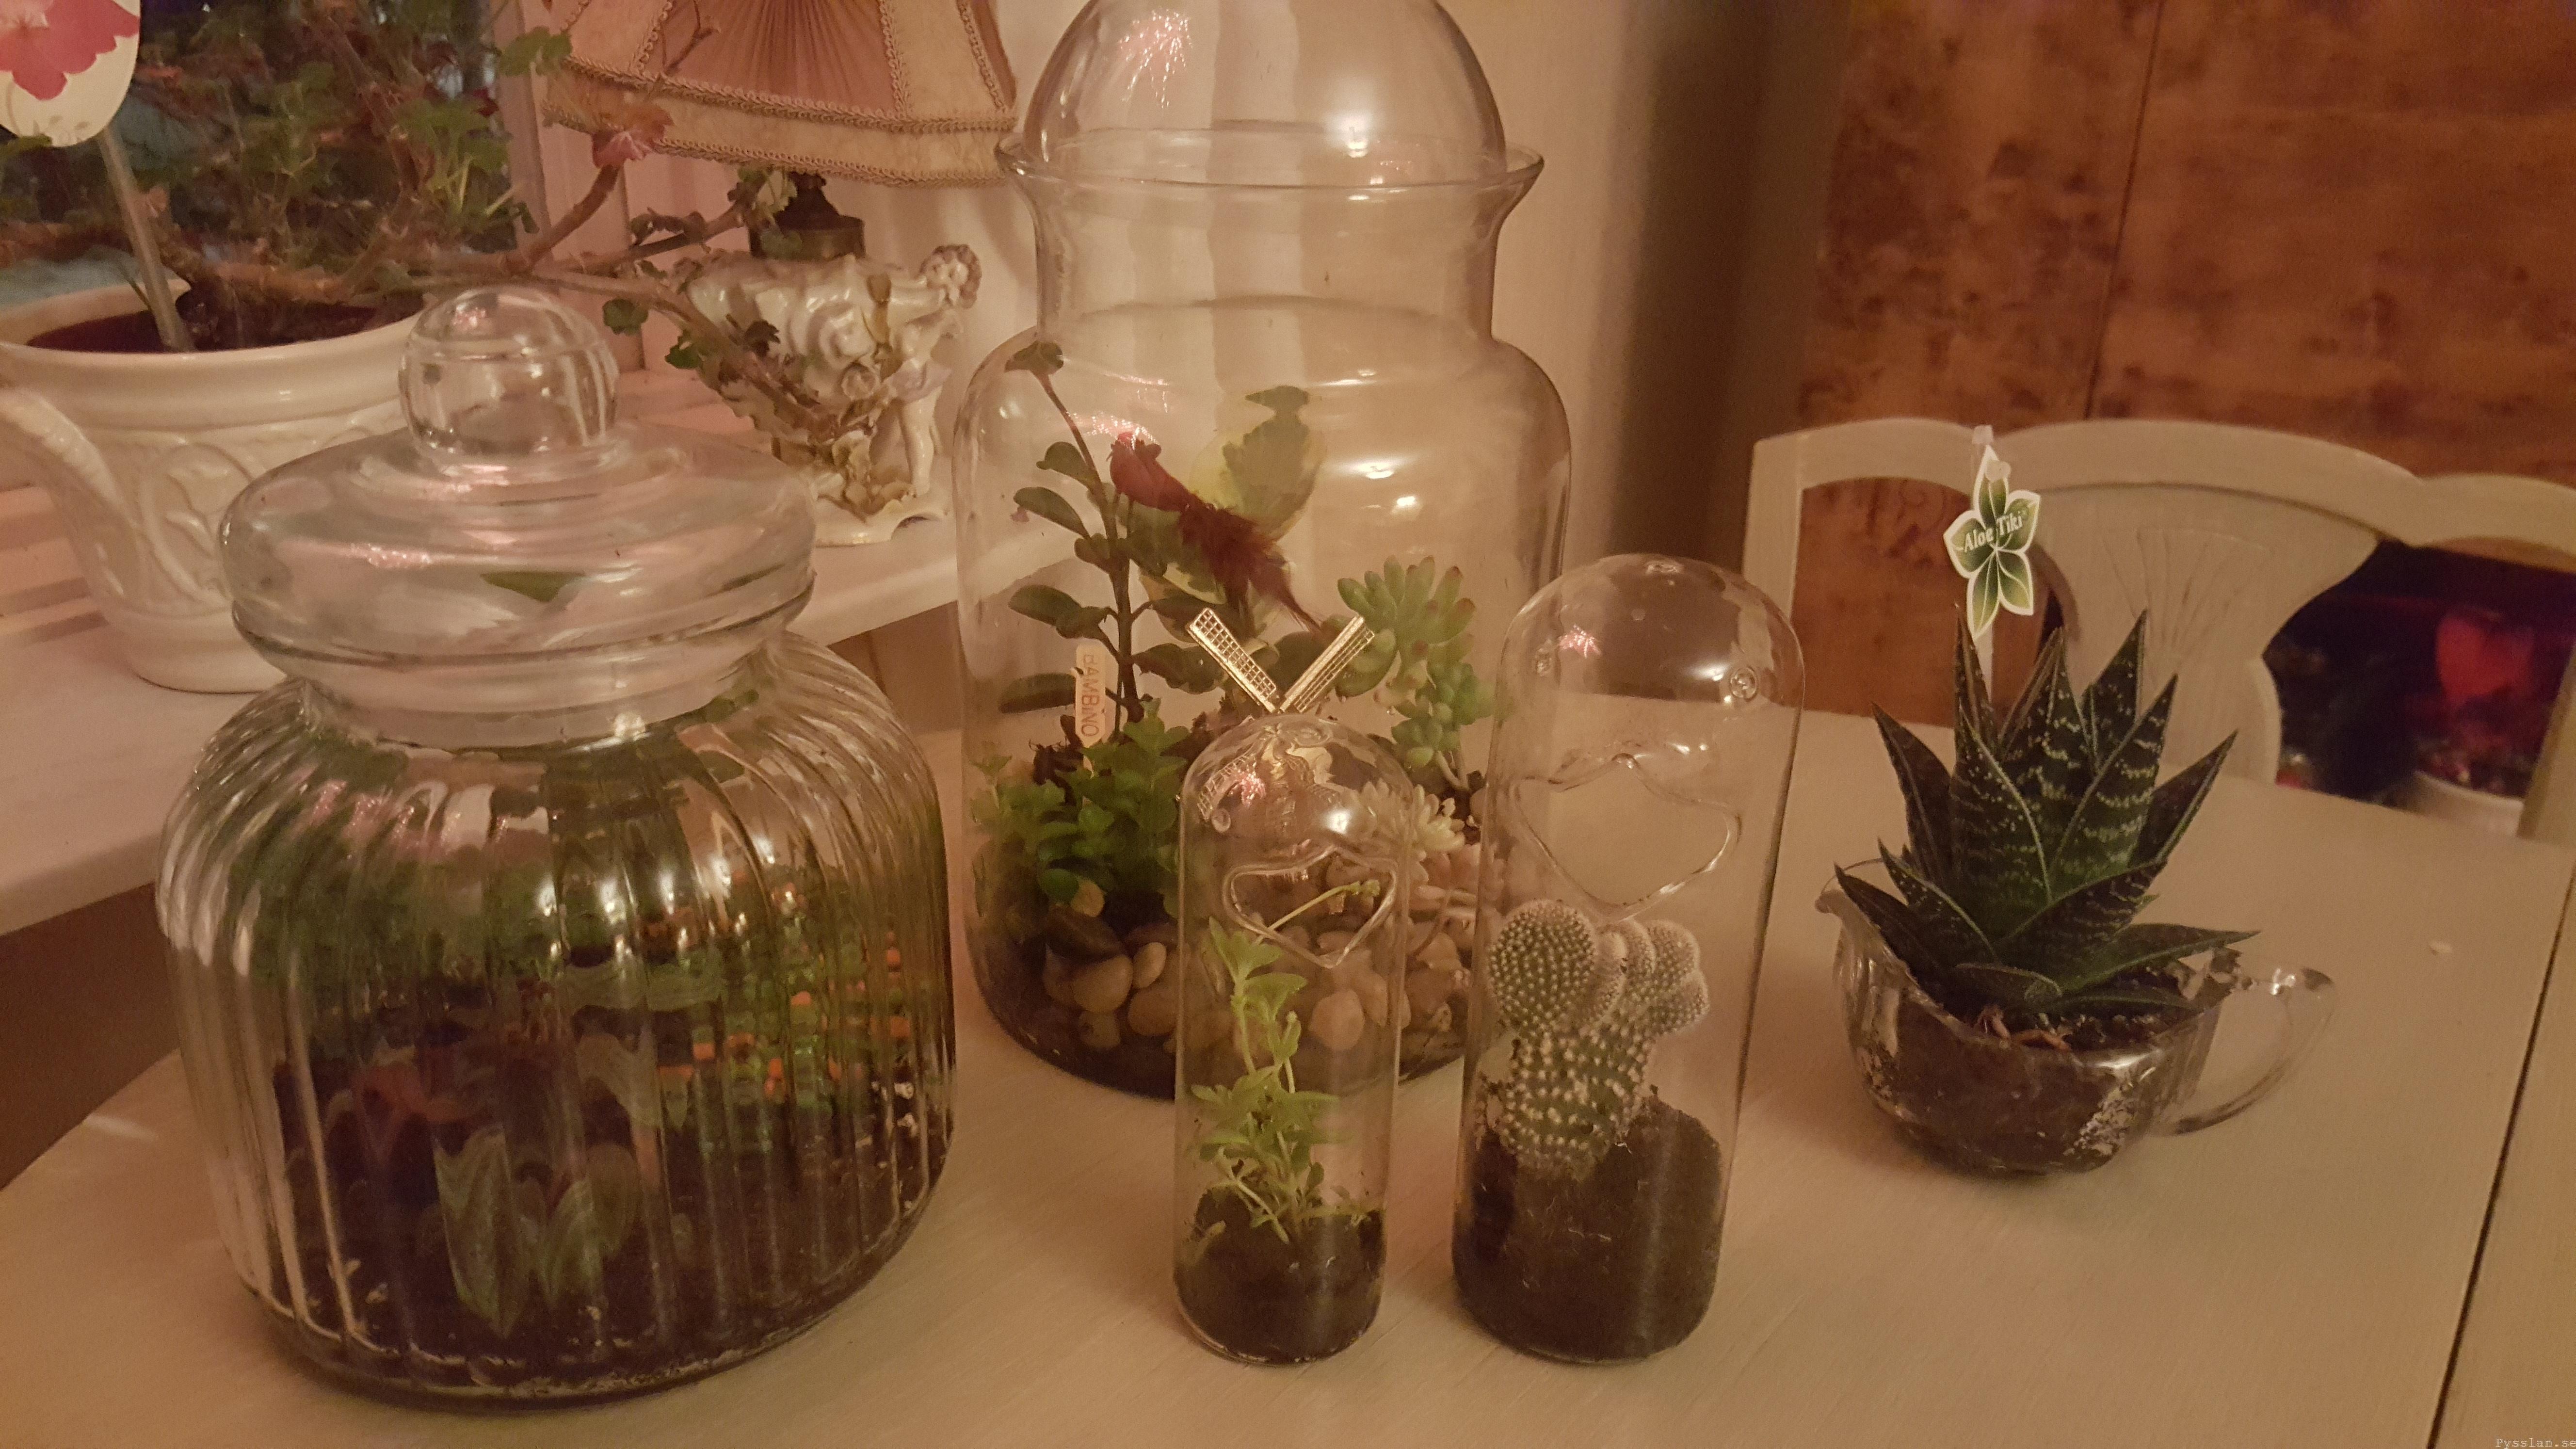 liten växtvärld glöm att vattna pysslan blogg alla växter